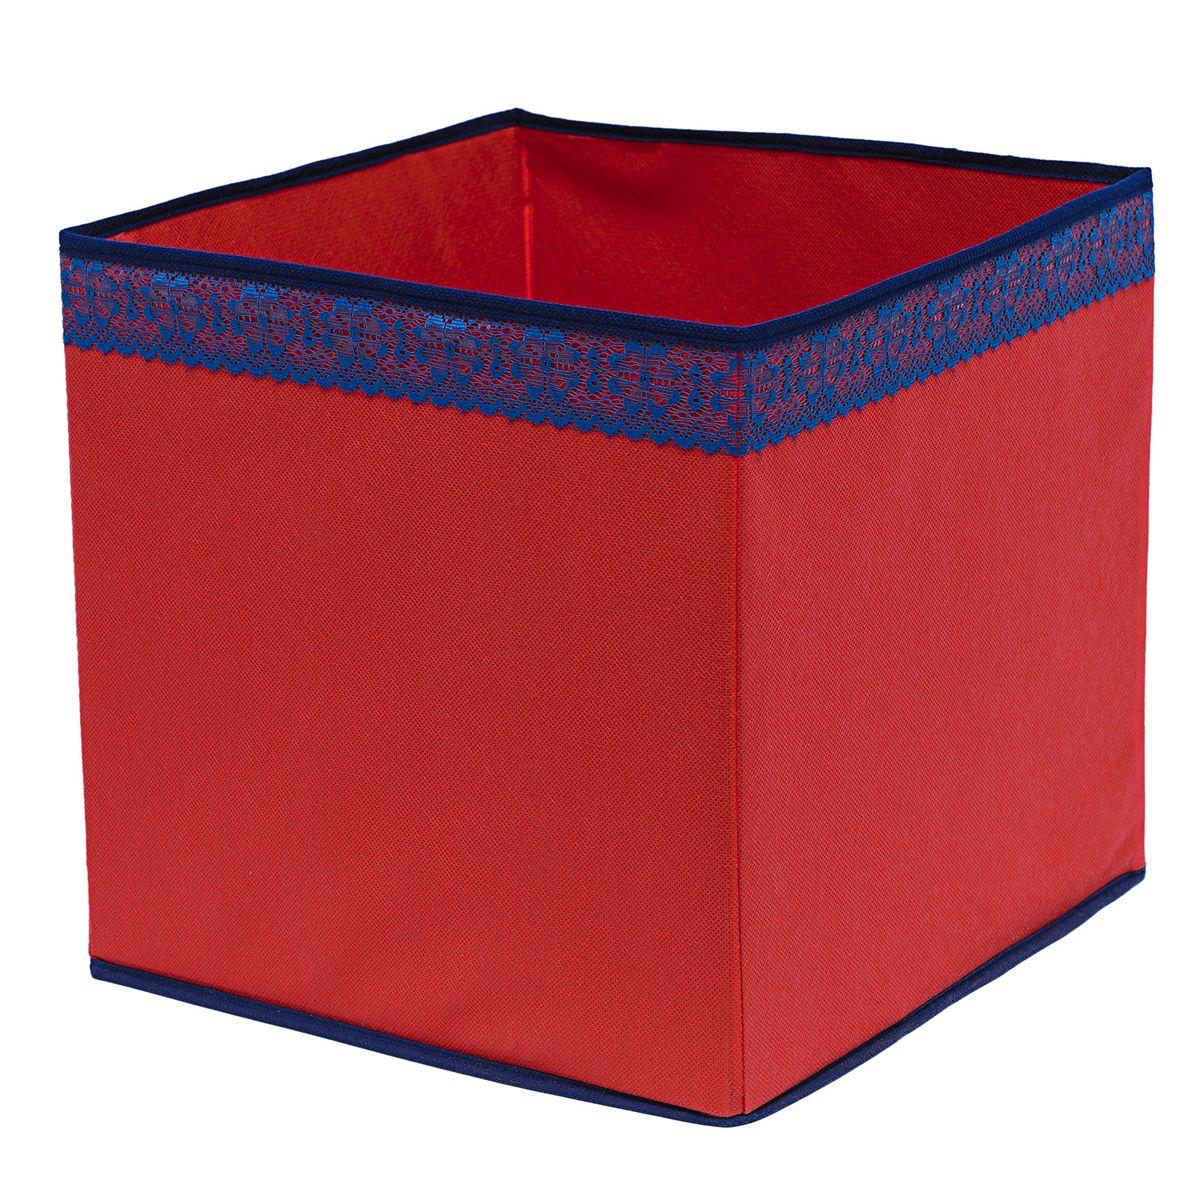 Кофр для хранения Homsu Rosso, 32 х 32 х 32 смHOM-324Кофр для хранения Homsu Rosso изготовлен из высококачественного нетканого полотна и декорирован вставкой из кружева. Кофр имеет одно большое отделение, где вы можете хранить различные бытовые вещи, нижнее белье, одежду и многое другое. Вставки из картона обеспечивают прочность конструкции. Стильный принт, модный цвет и качество исполнения сделают такой кофр незаменимым для хранения ваших вещей.